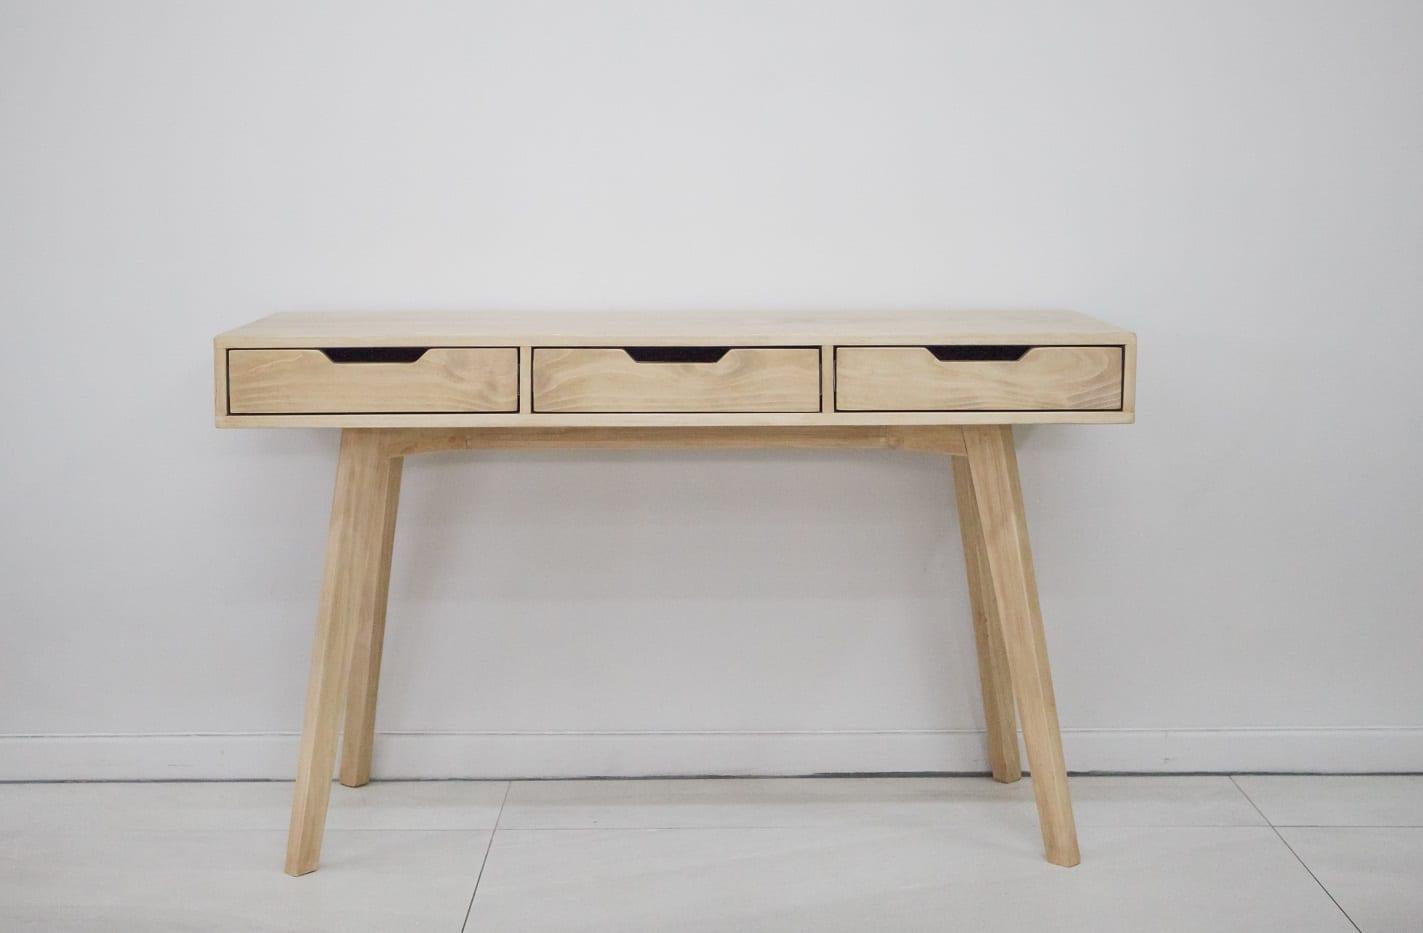 Desks & Dressers Cooper Desk with 3 Drawers Desks